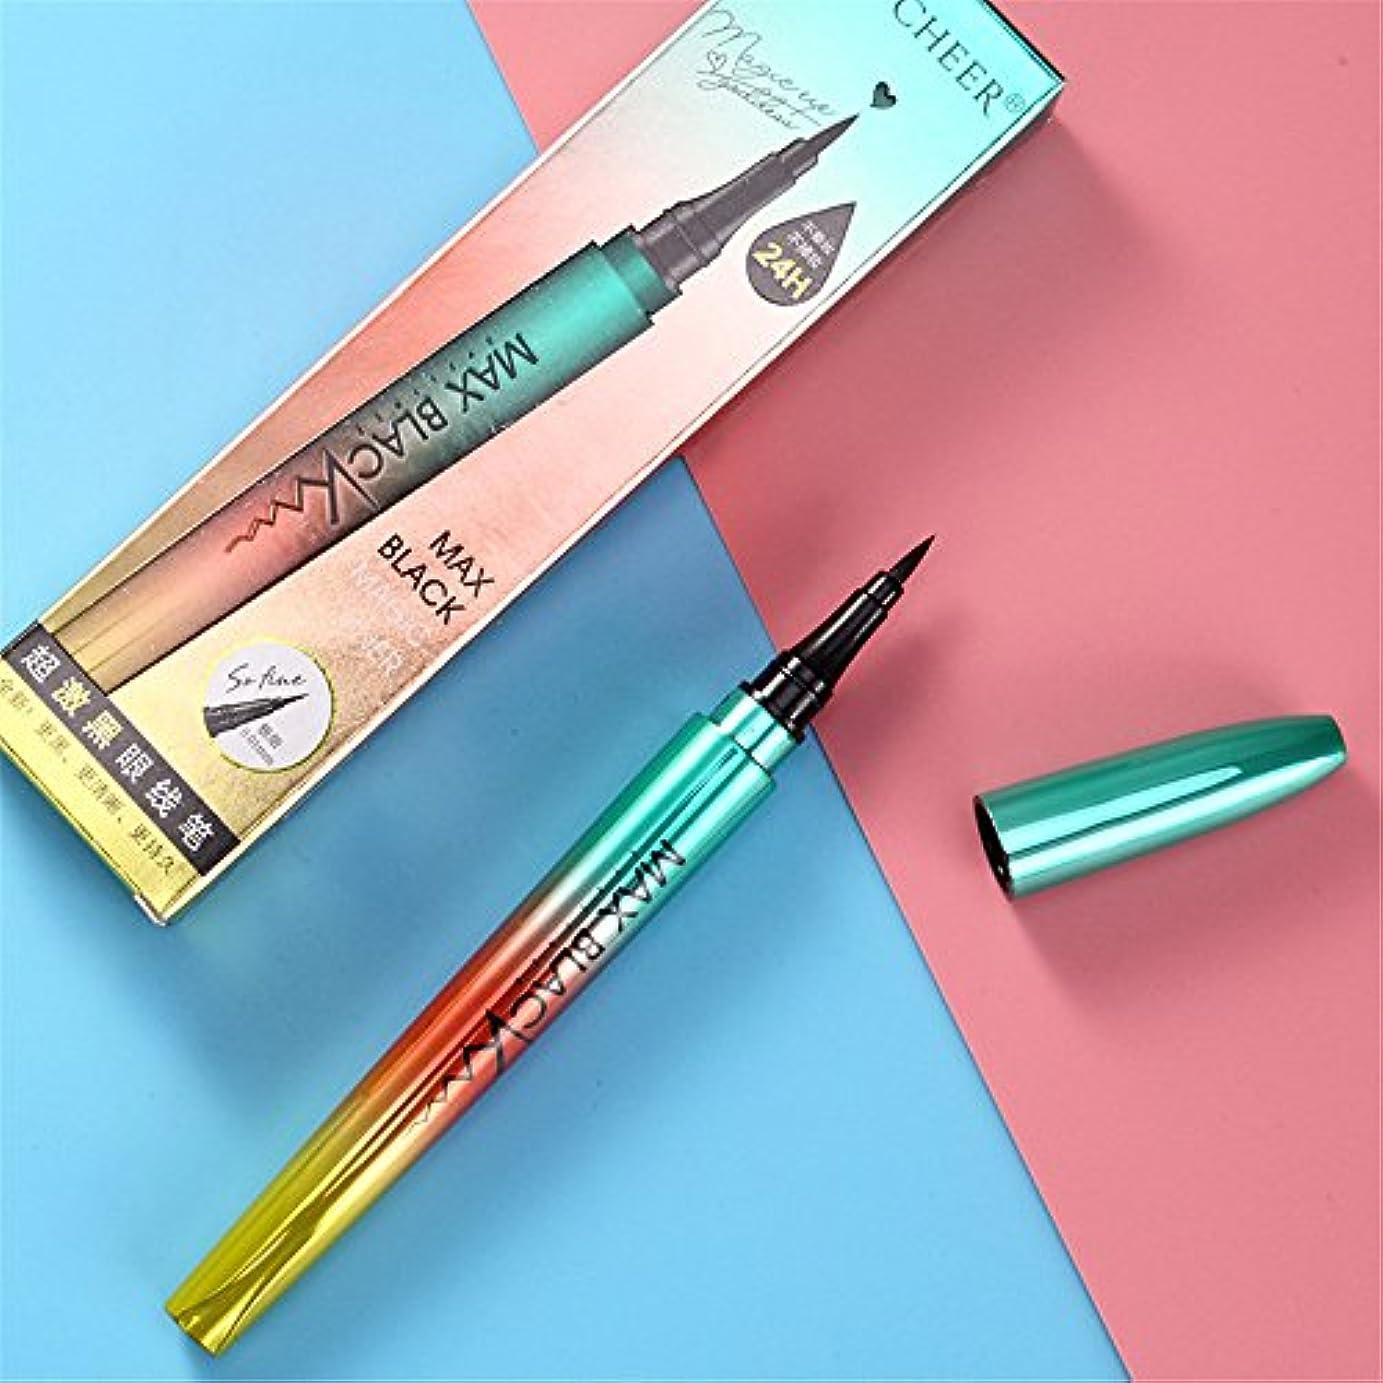 属する隙間意欲美容ブラック防水アイライナーリキッドアイライナーペン鉛筆メイク化粧品新しい